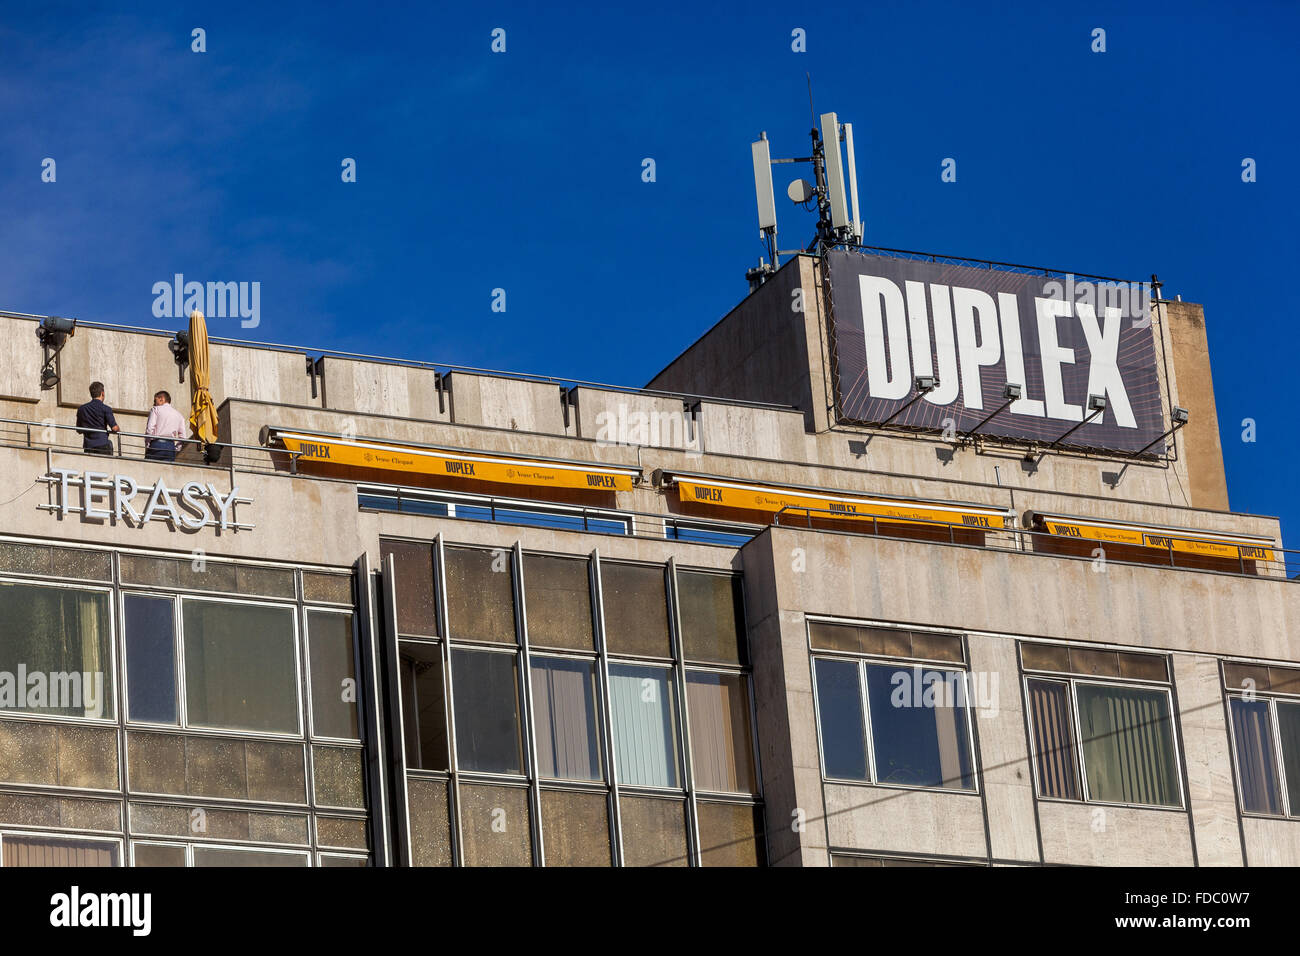 Duplex Club, Wenceslas Square Prague Czech Republic - Stock Image